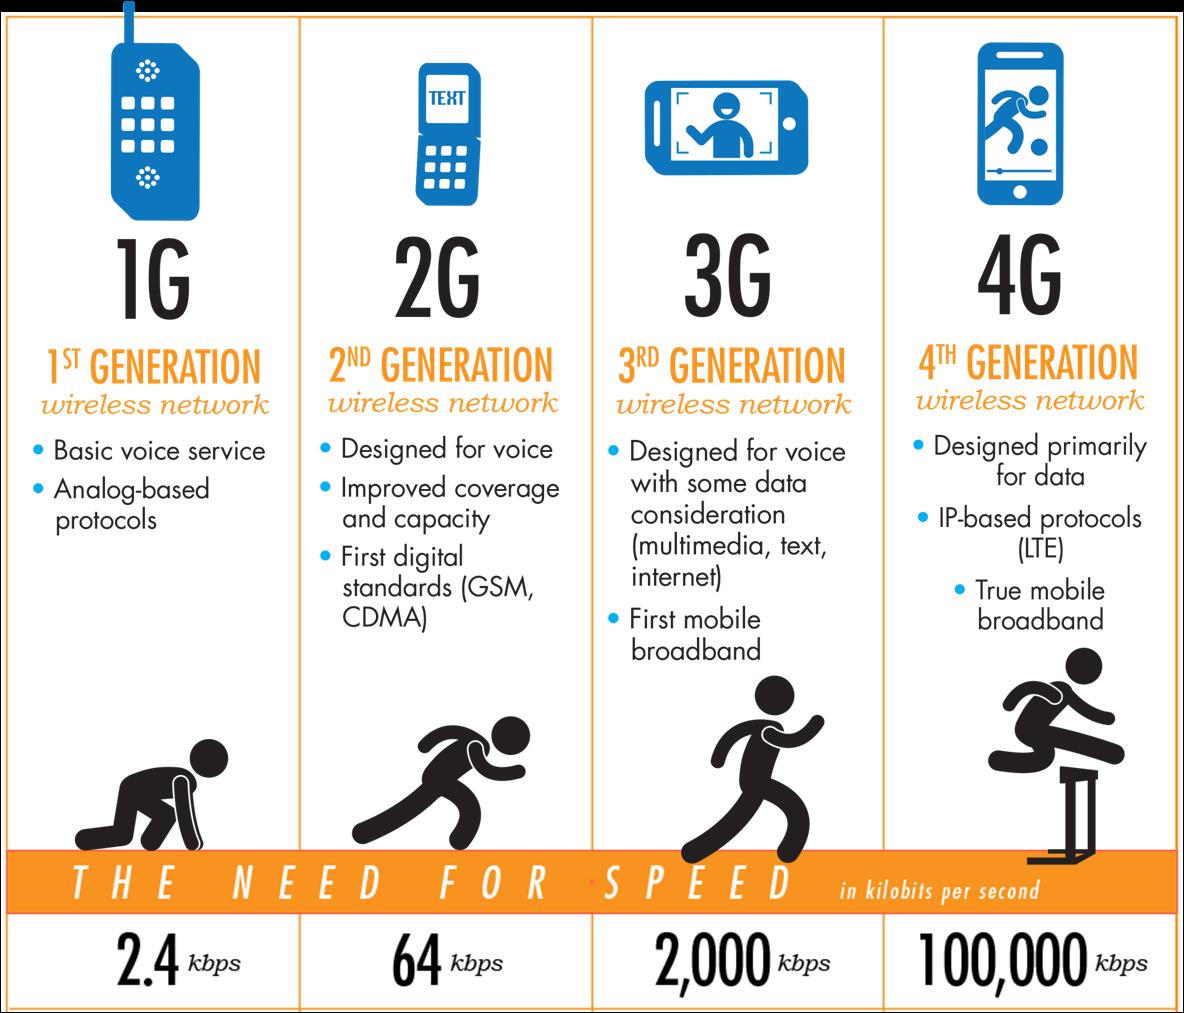 medium resolution of mobile evolution 1g 2g 3g 4g